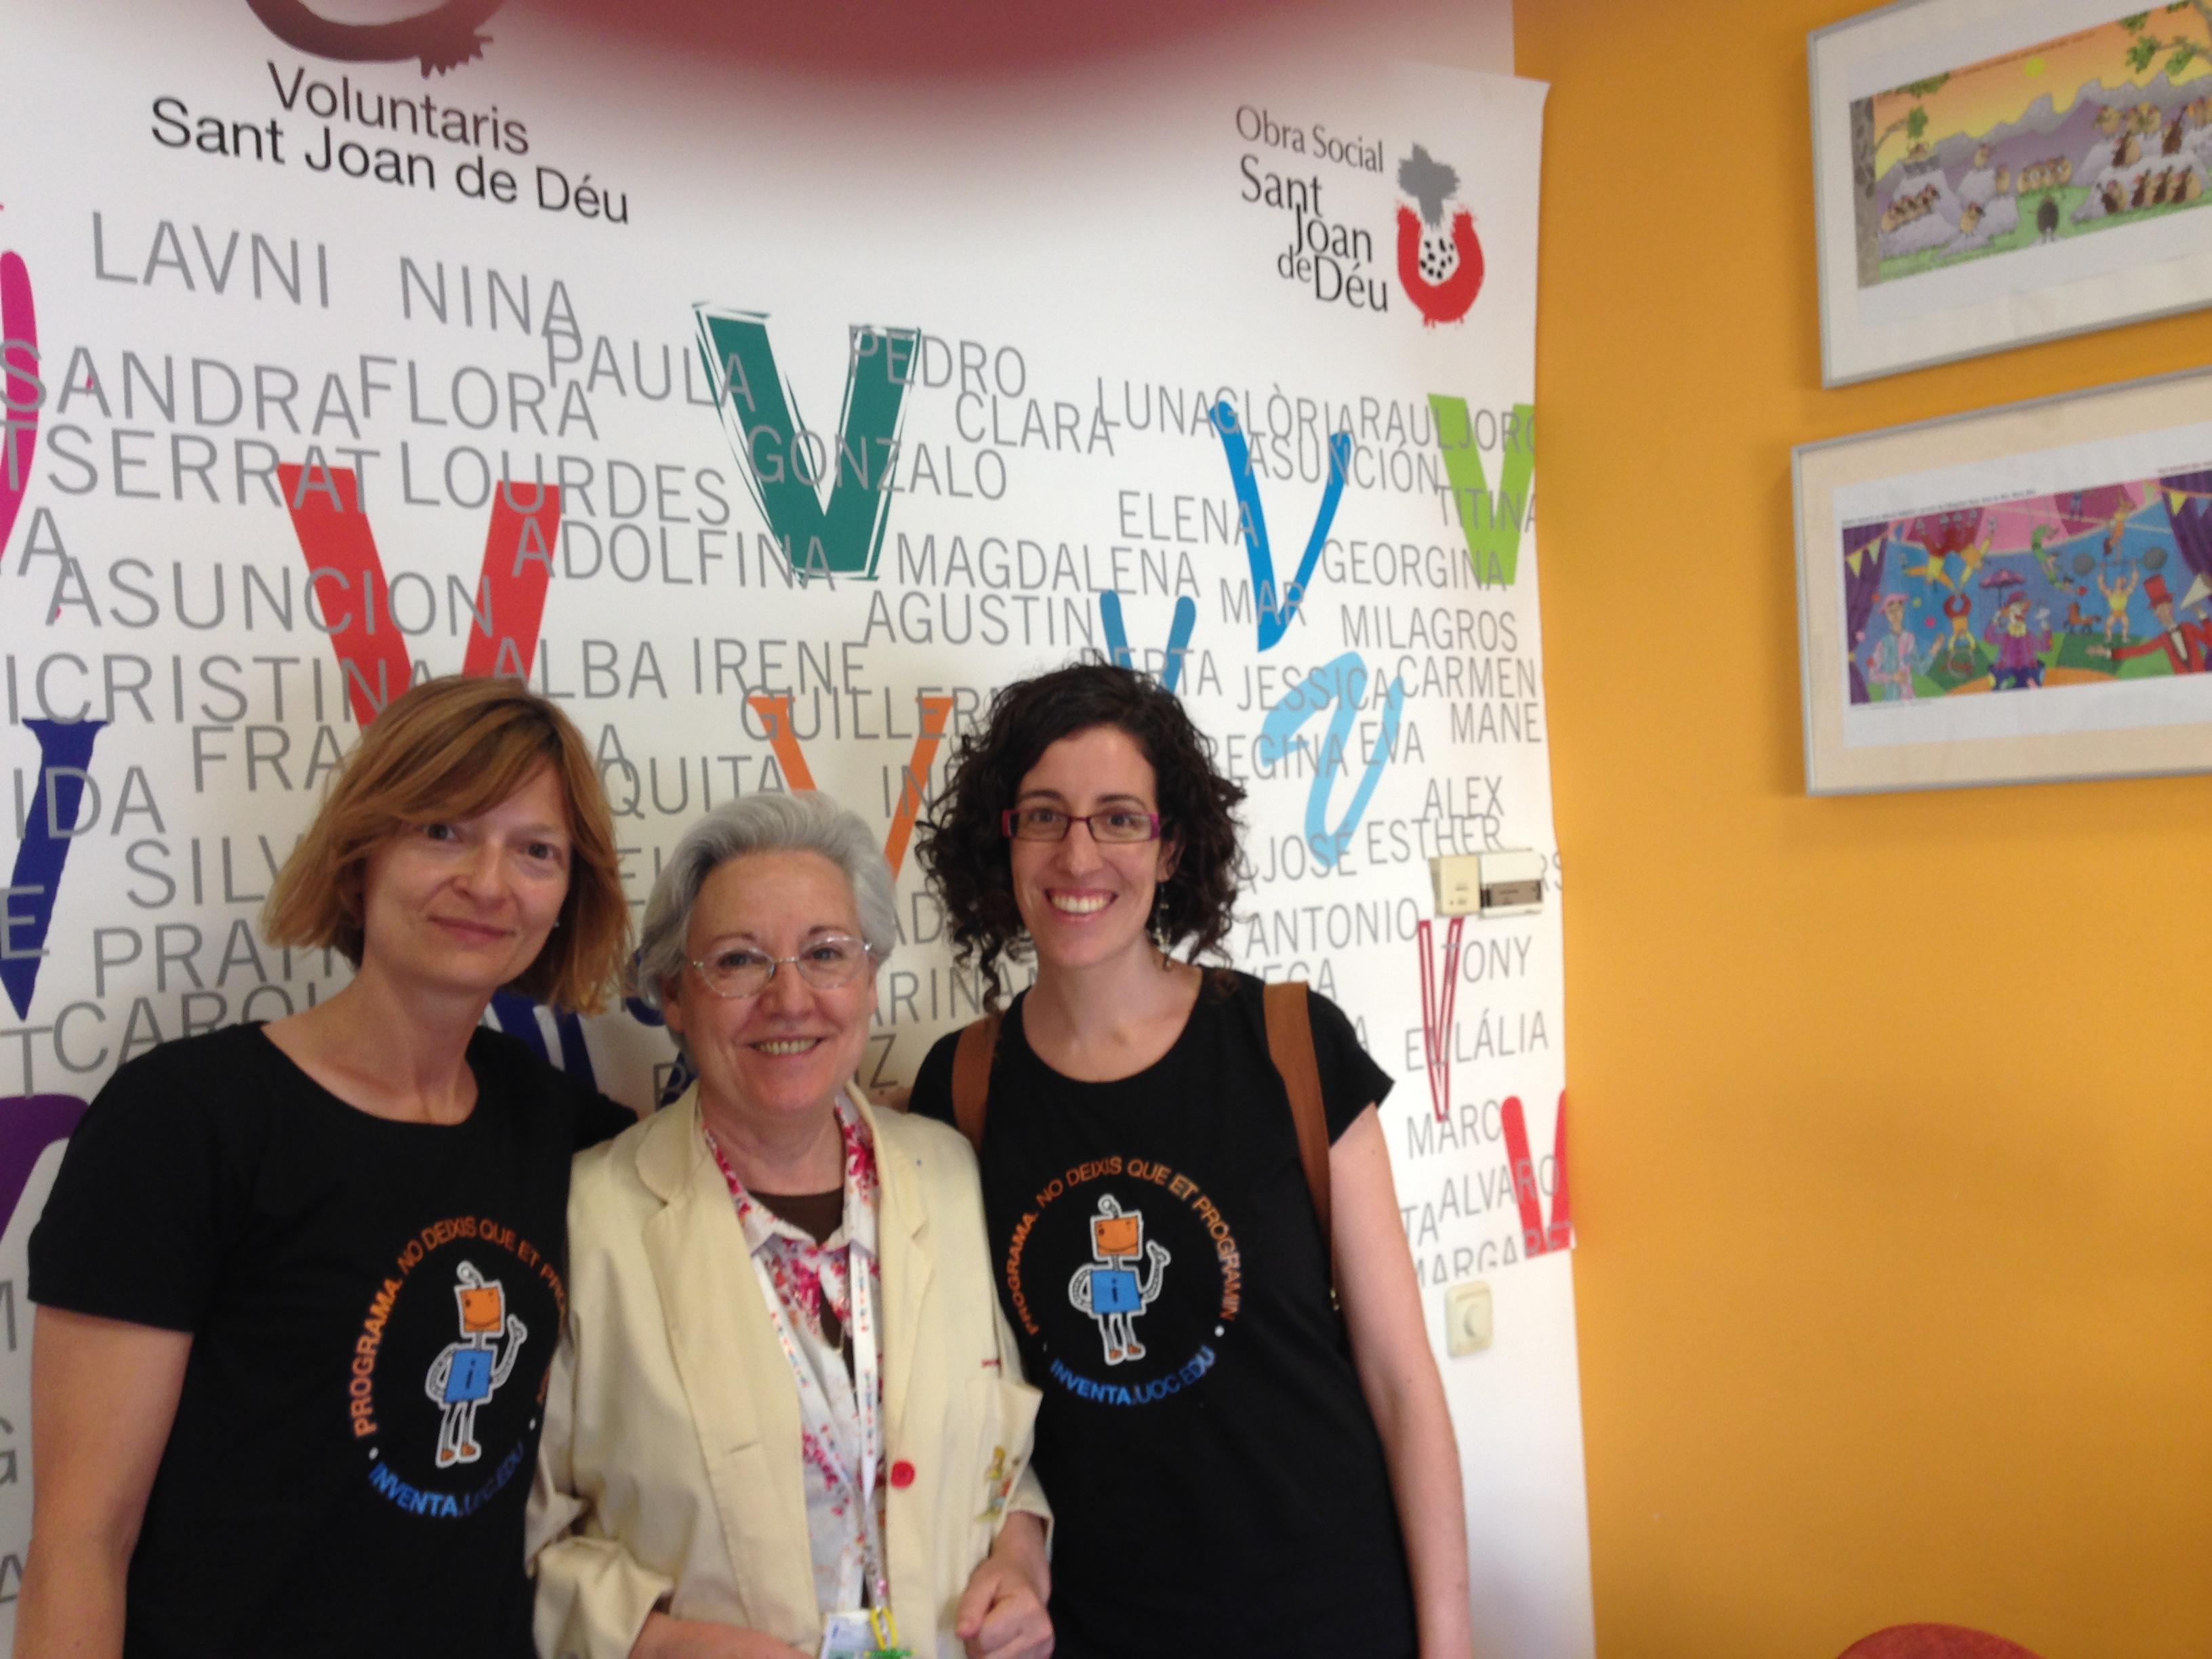 Montse Serra y Elena Planas, del grupo INVENTA, junto con Tina Parayre, jefa del voluntariado del Hospital SJDD.